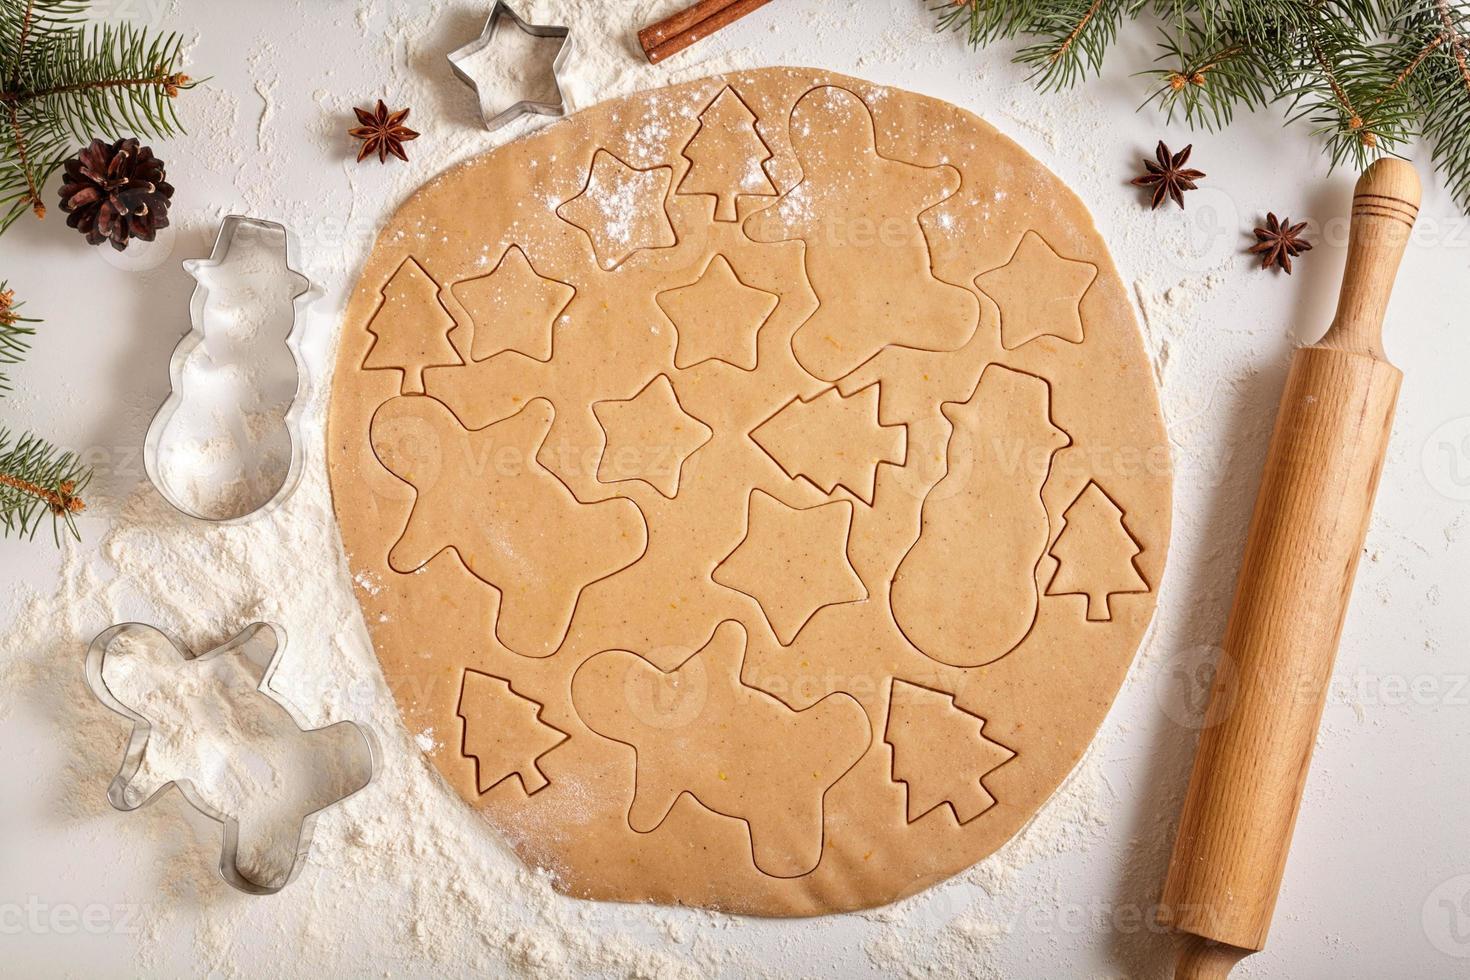 ricetta per la preparazione della pasta per biscotti di panpepato a forma di uomo, abeti foto